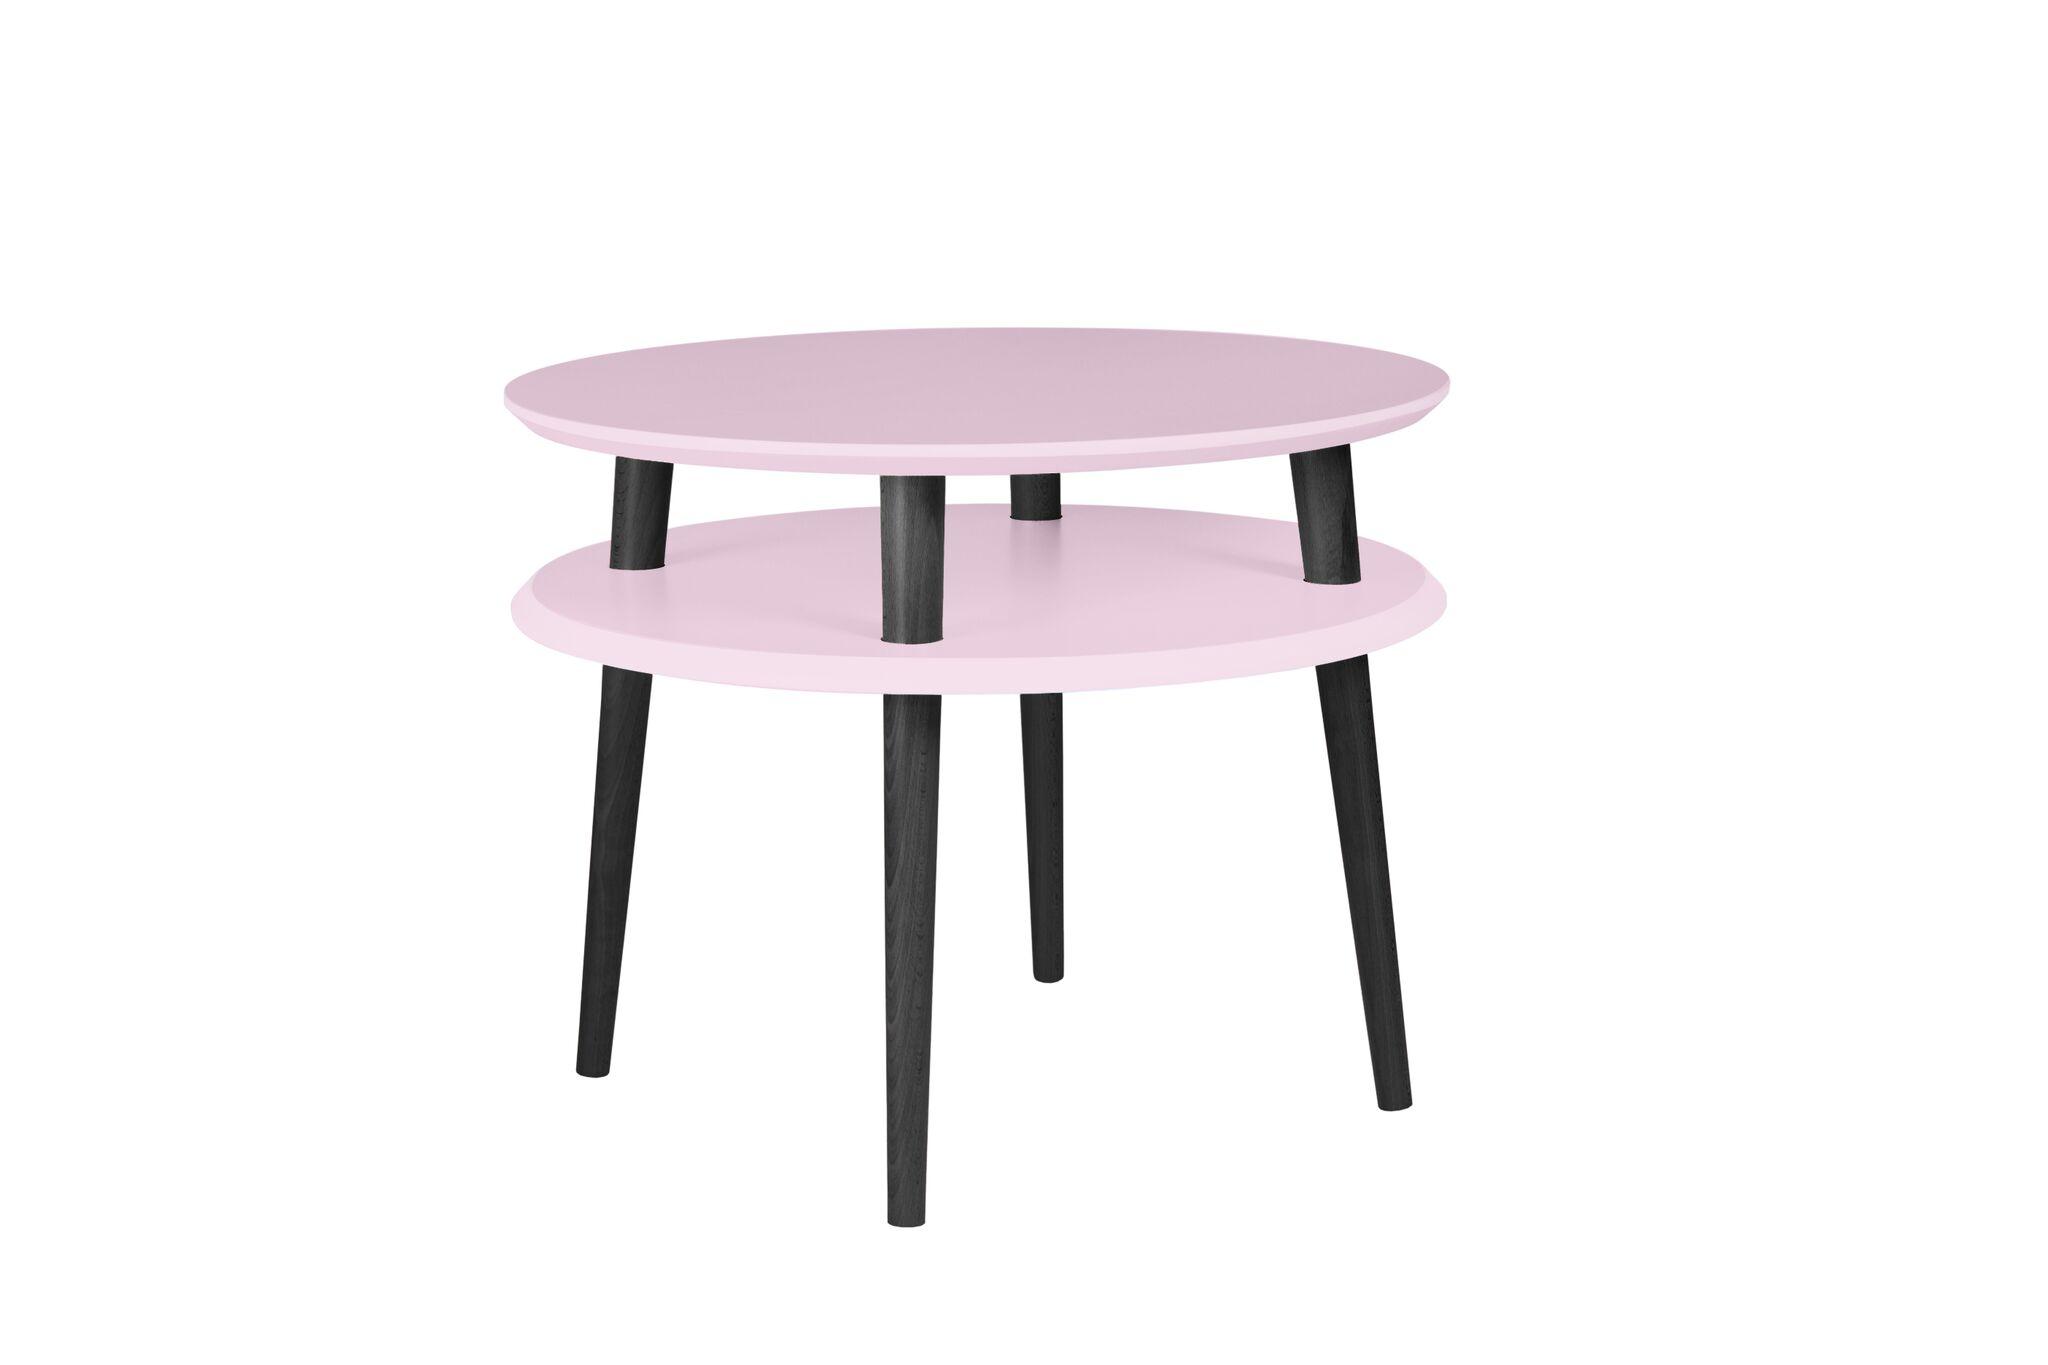 Masa de cafea Ufo Medium Dusky Pink / Black O57xh45 cm